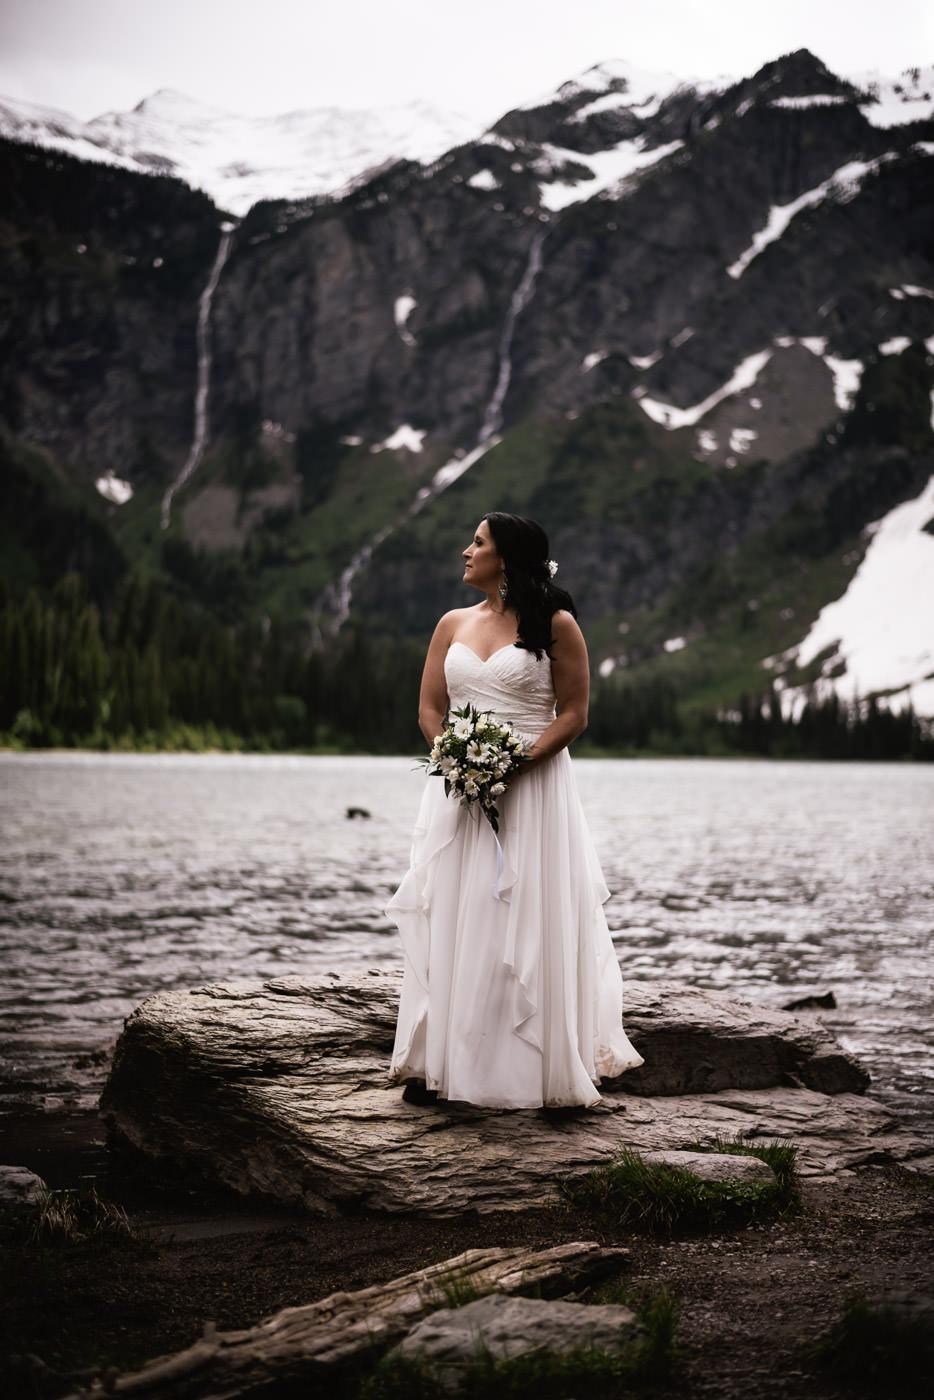 National Park elopement photographer for adventurous couples.